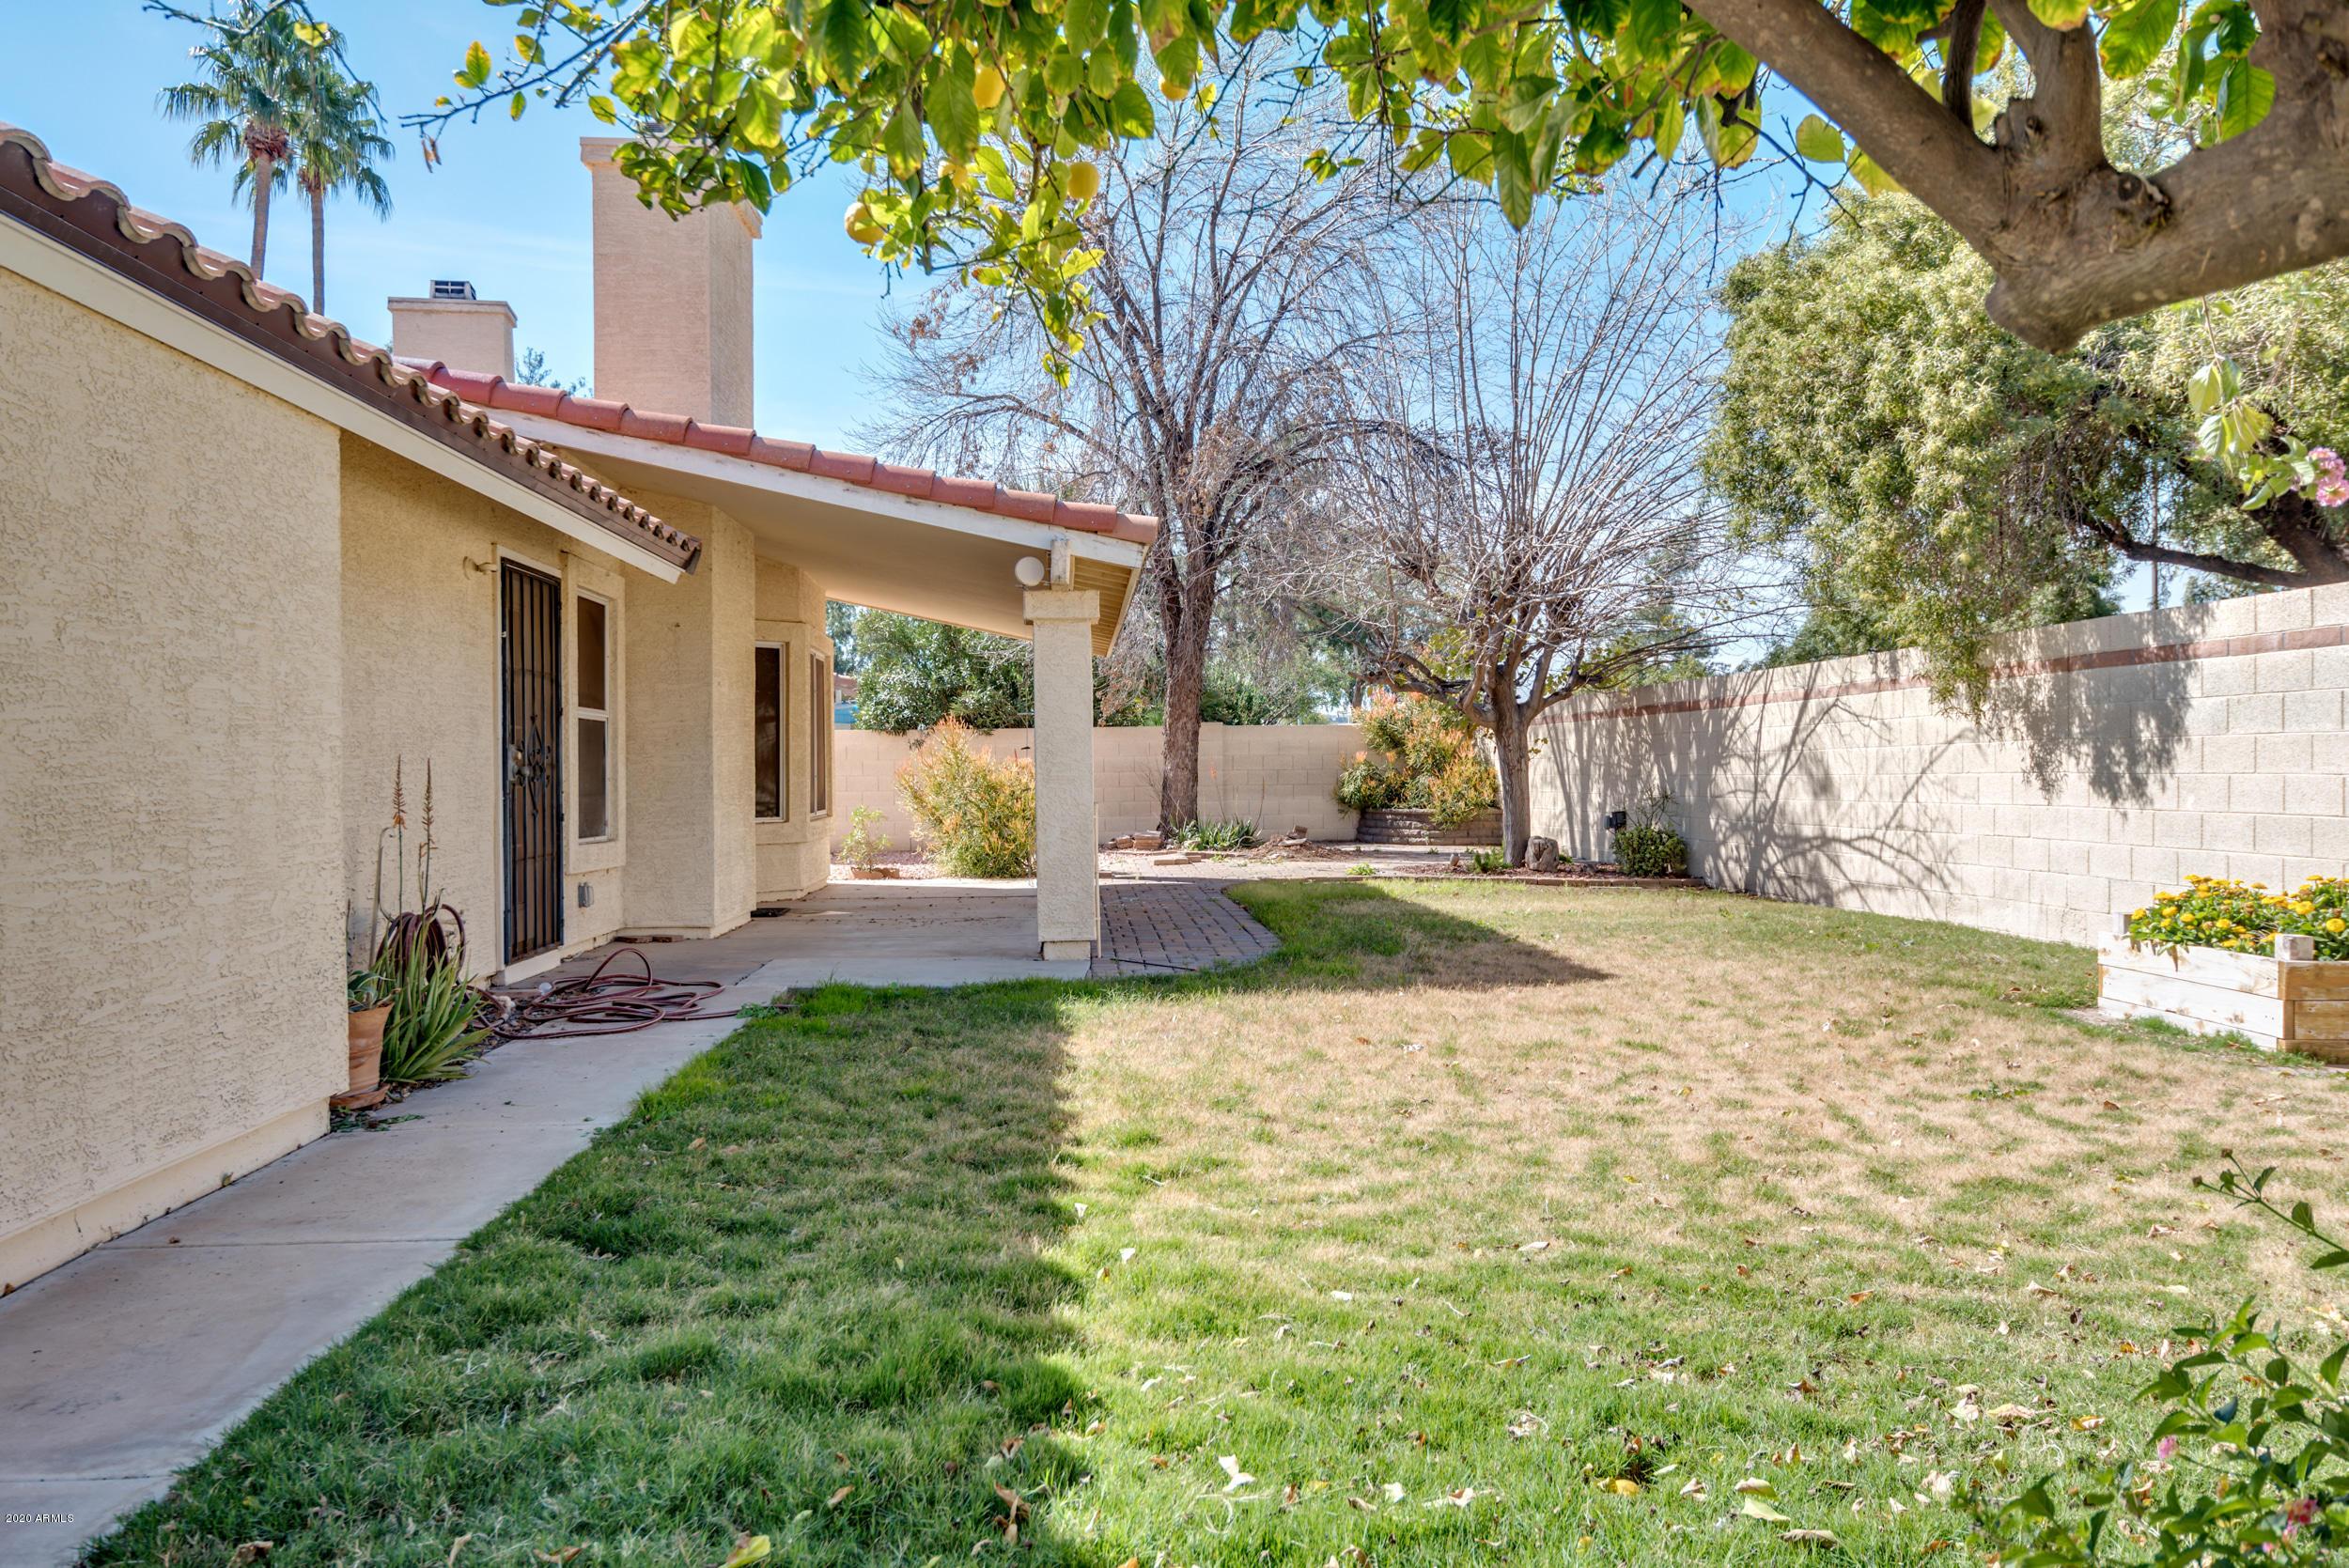 MLS 6043173 3680 S ACACIA Drive, Chandler, AZ 85248 3 Bedroom Homes